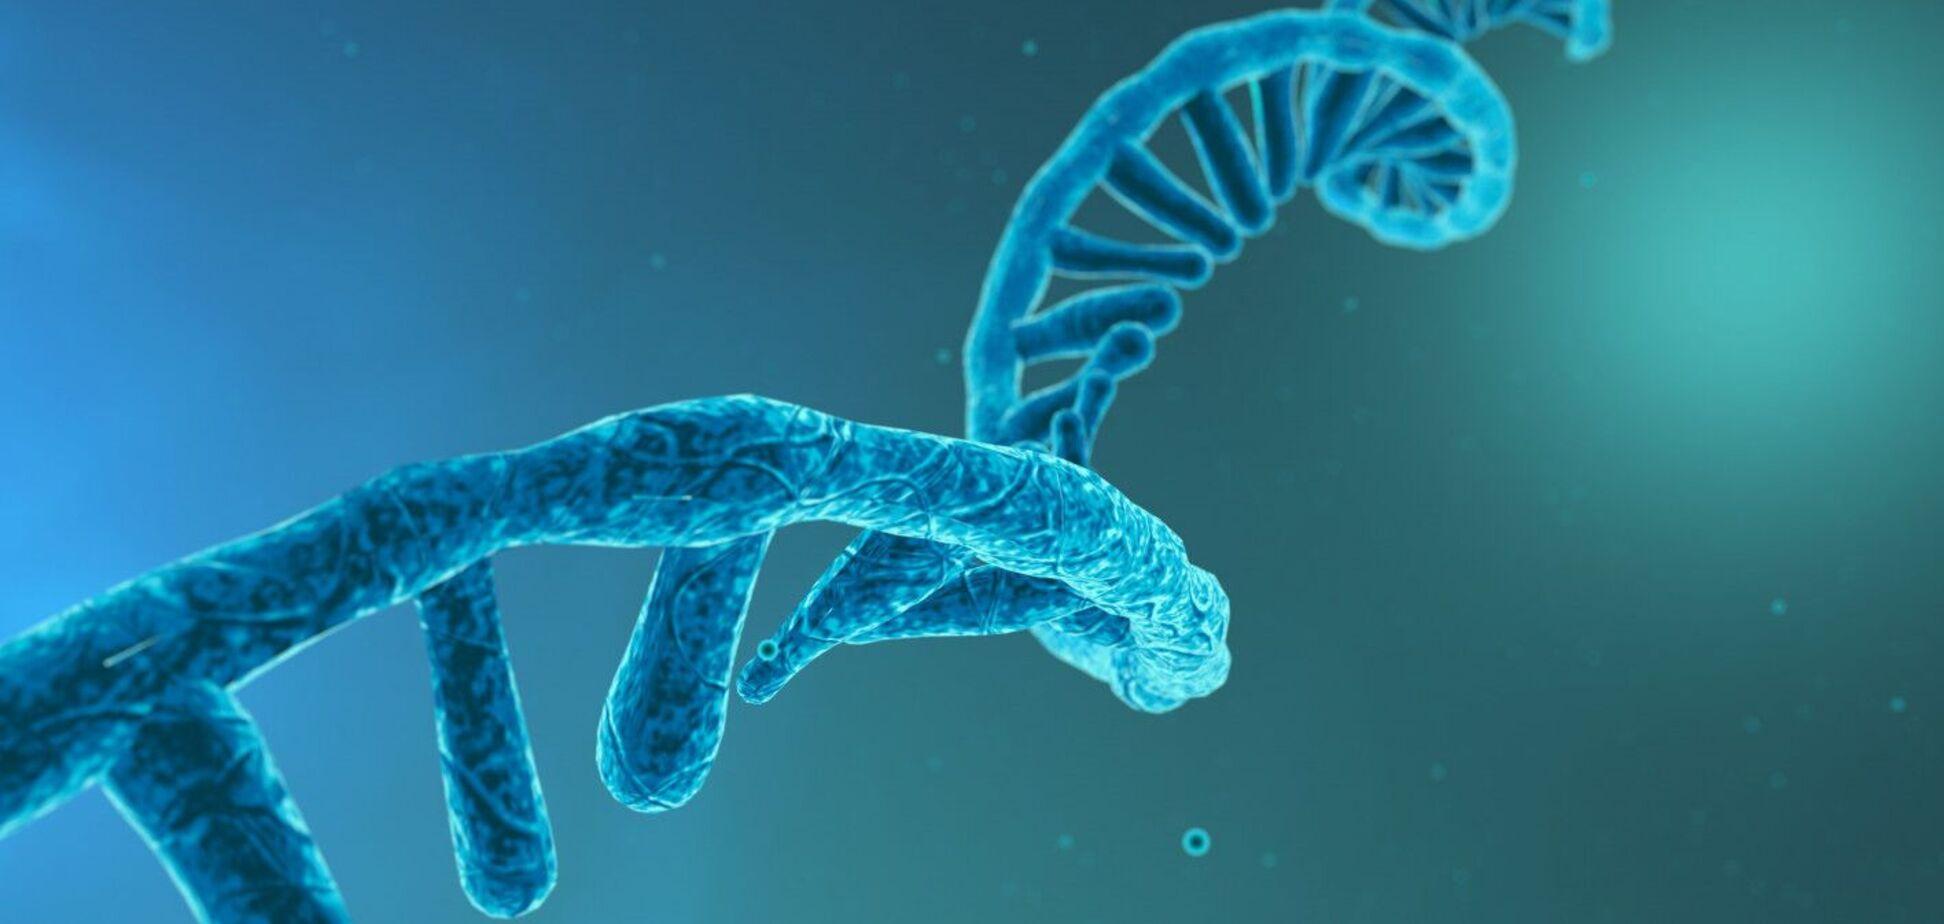 Технология мРНК-вакцин может использоваться для лечения рака